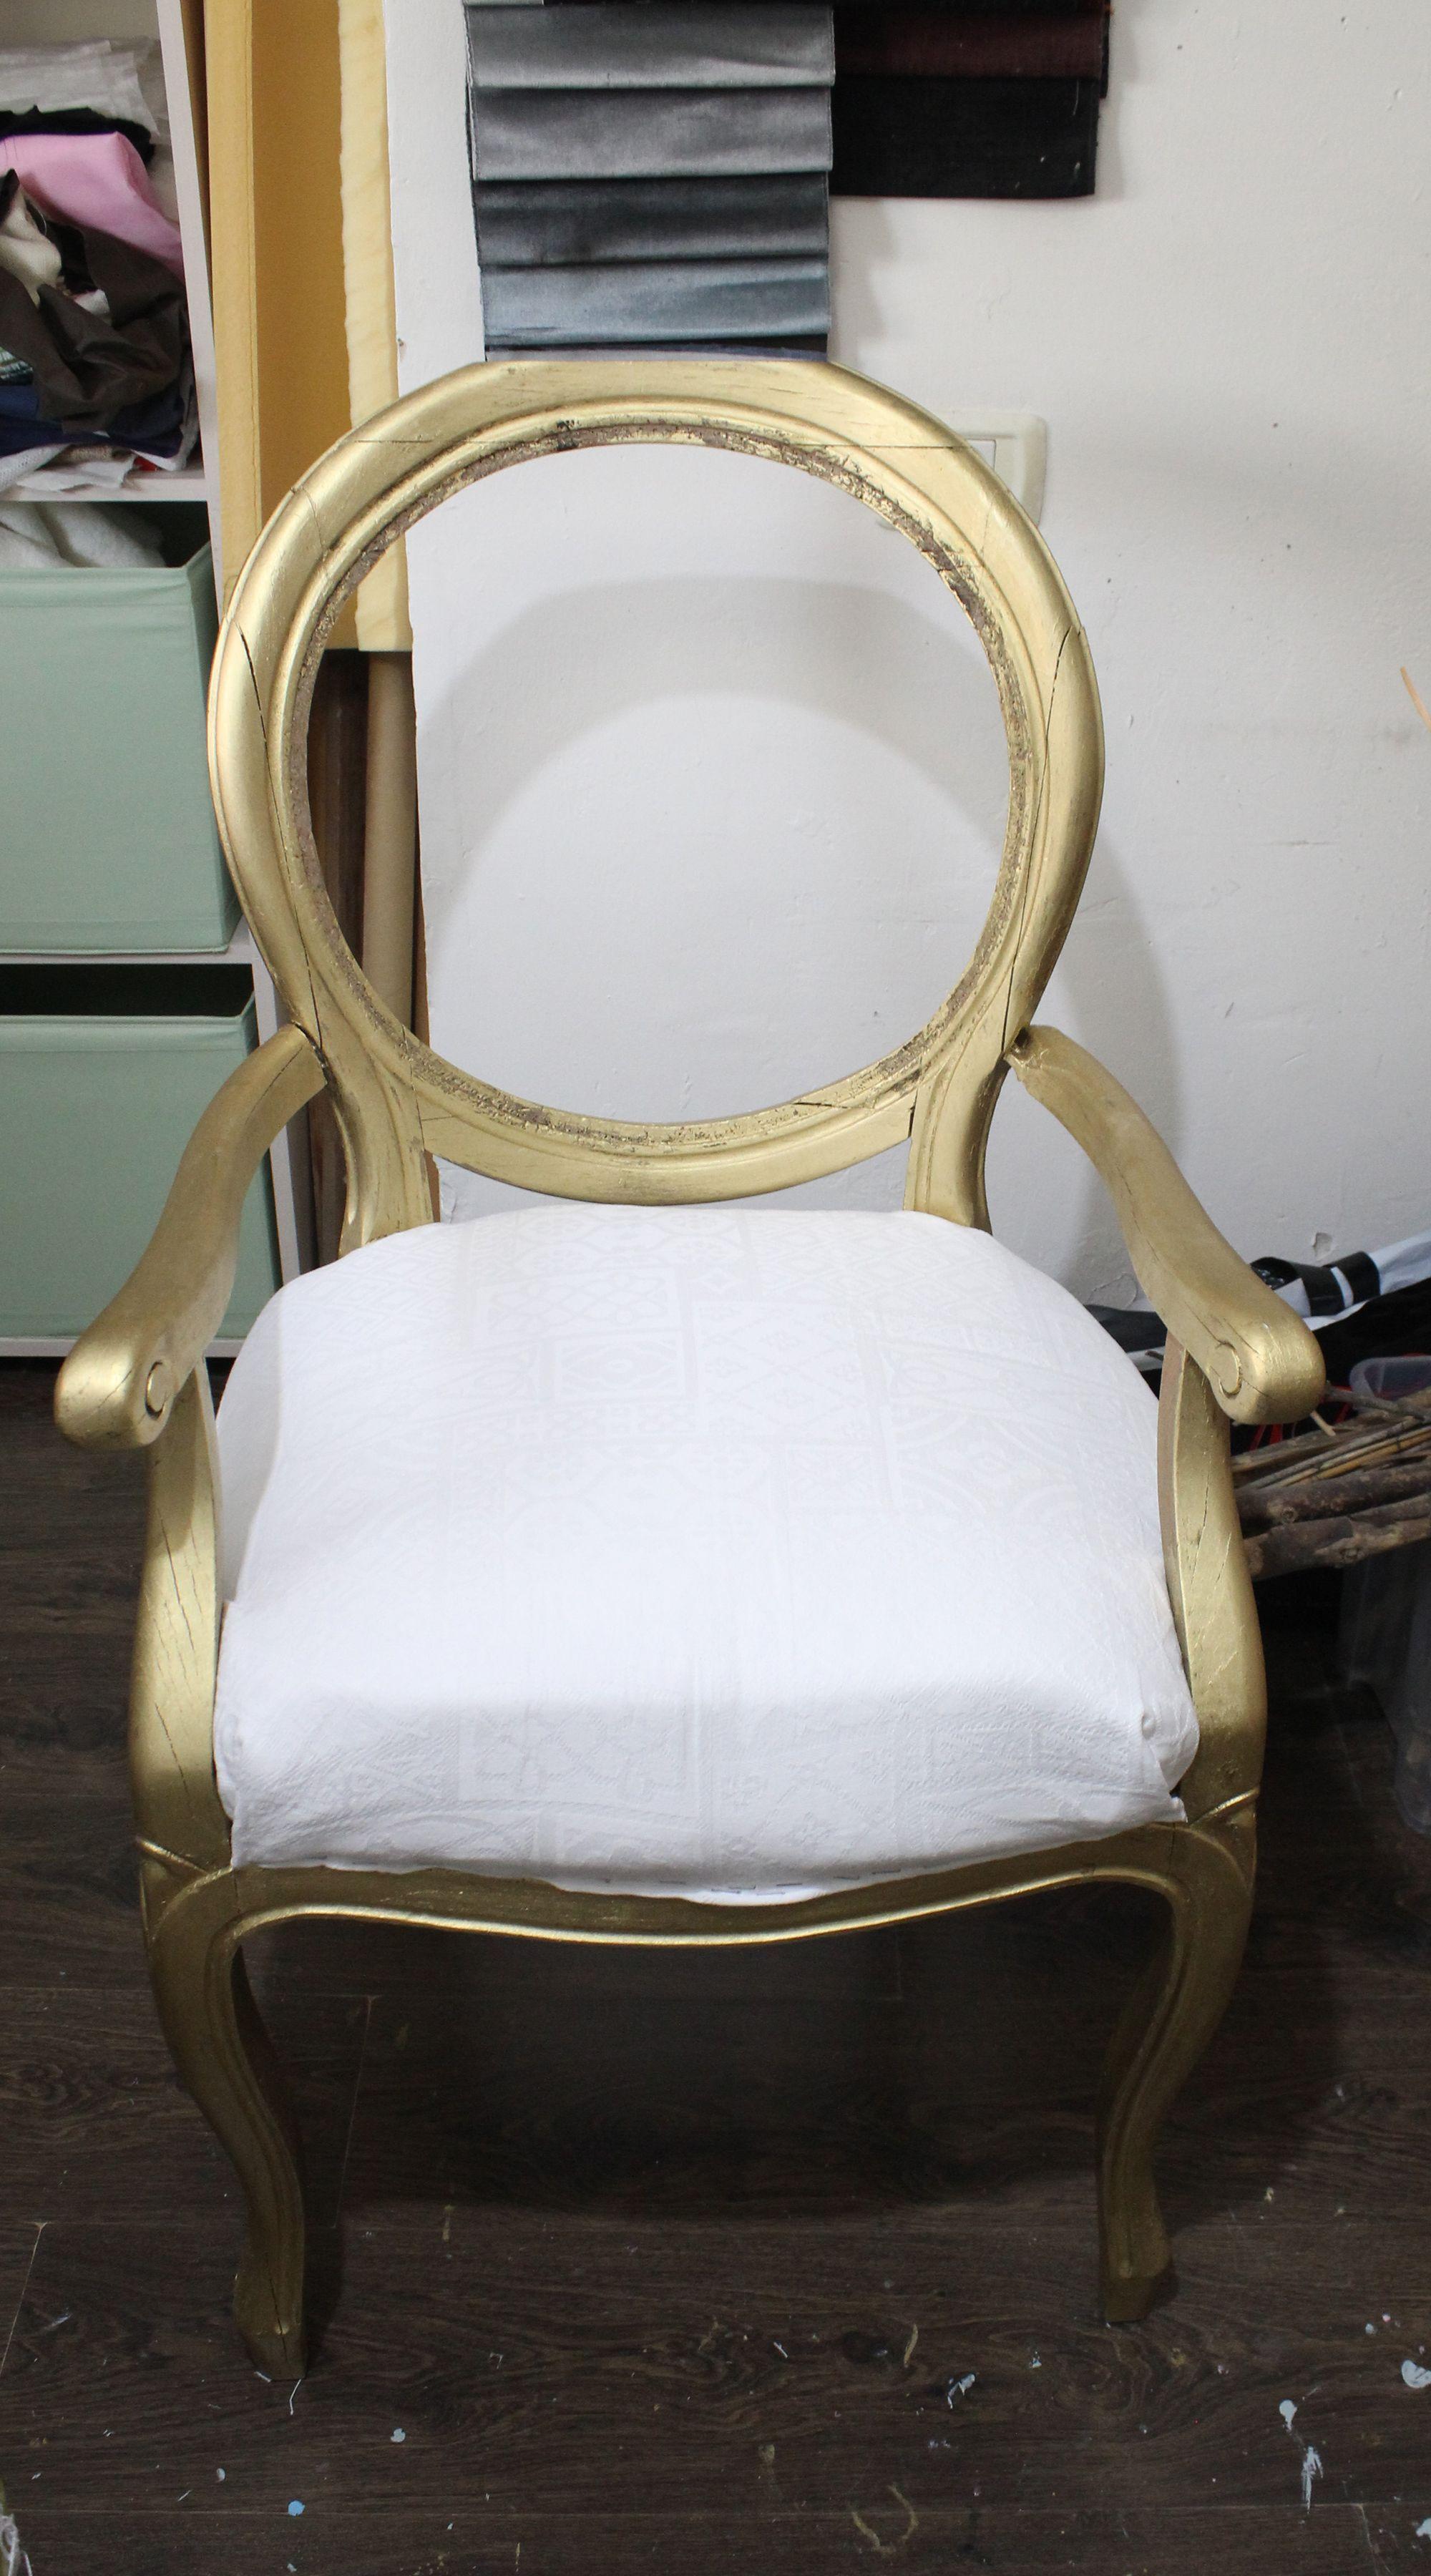 IMG 3859 - חידוש כסא עתיק